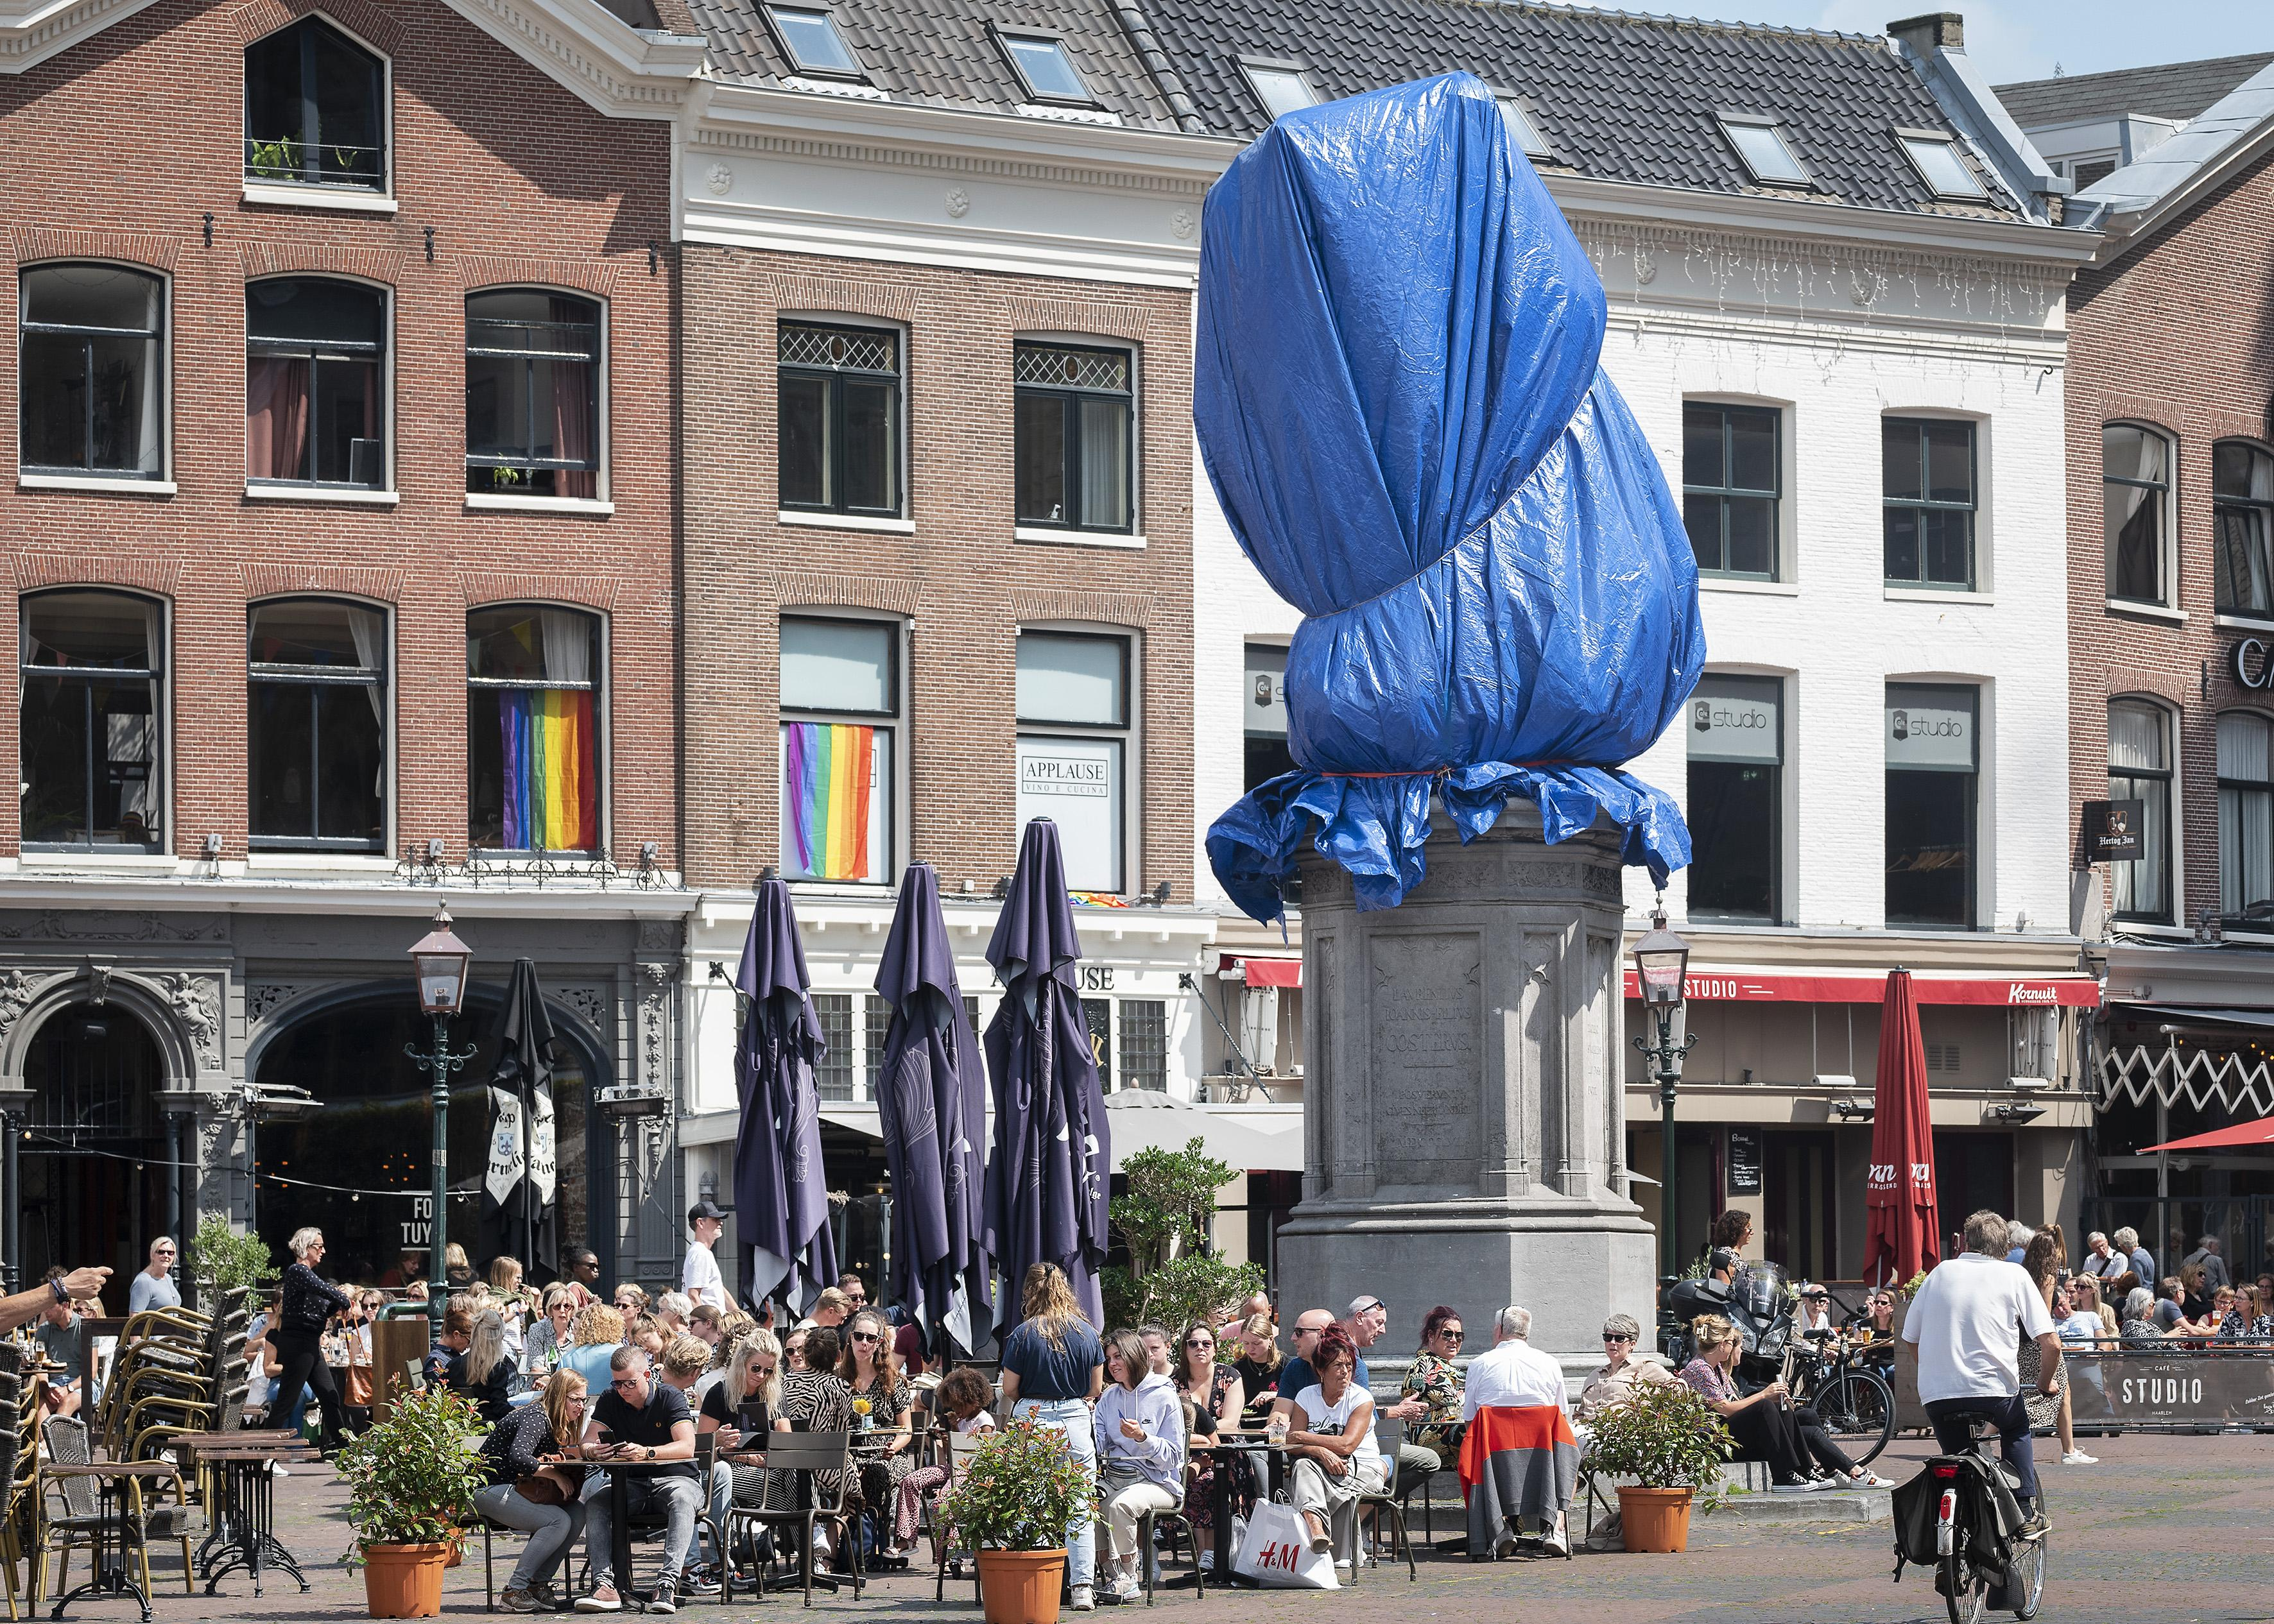 Standbeeld van Laurens Janszoon Coster op Grote Markt ingepakt